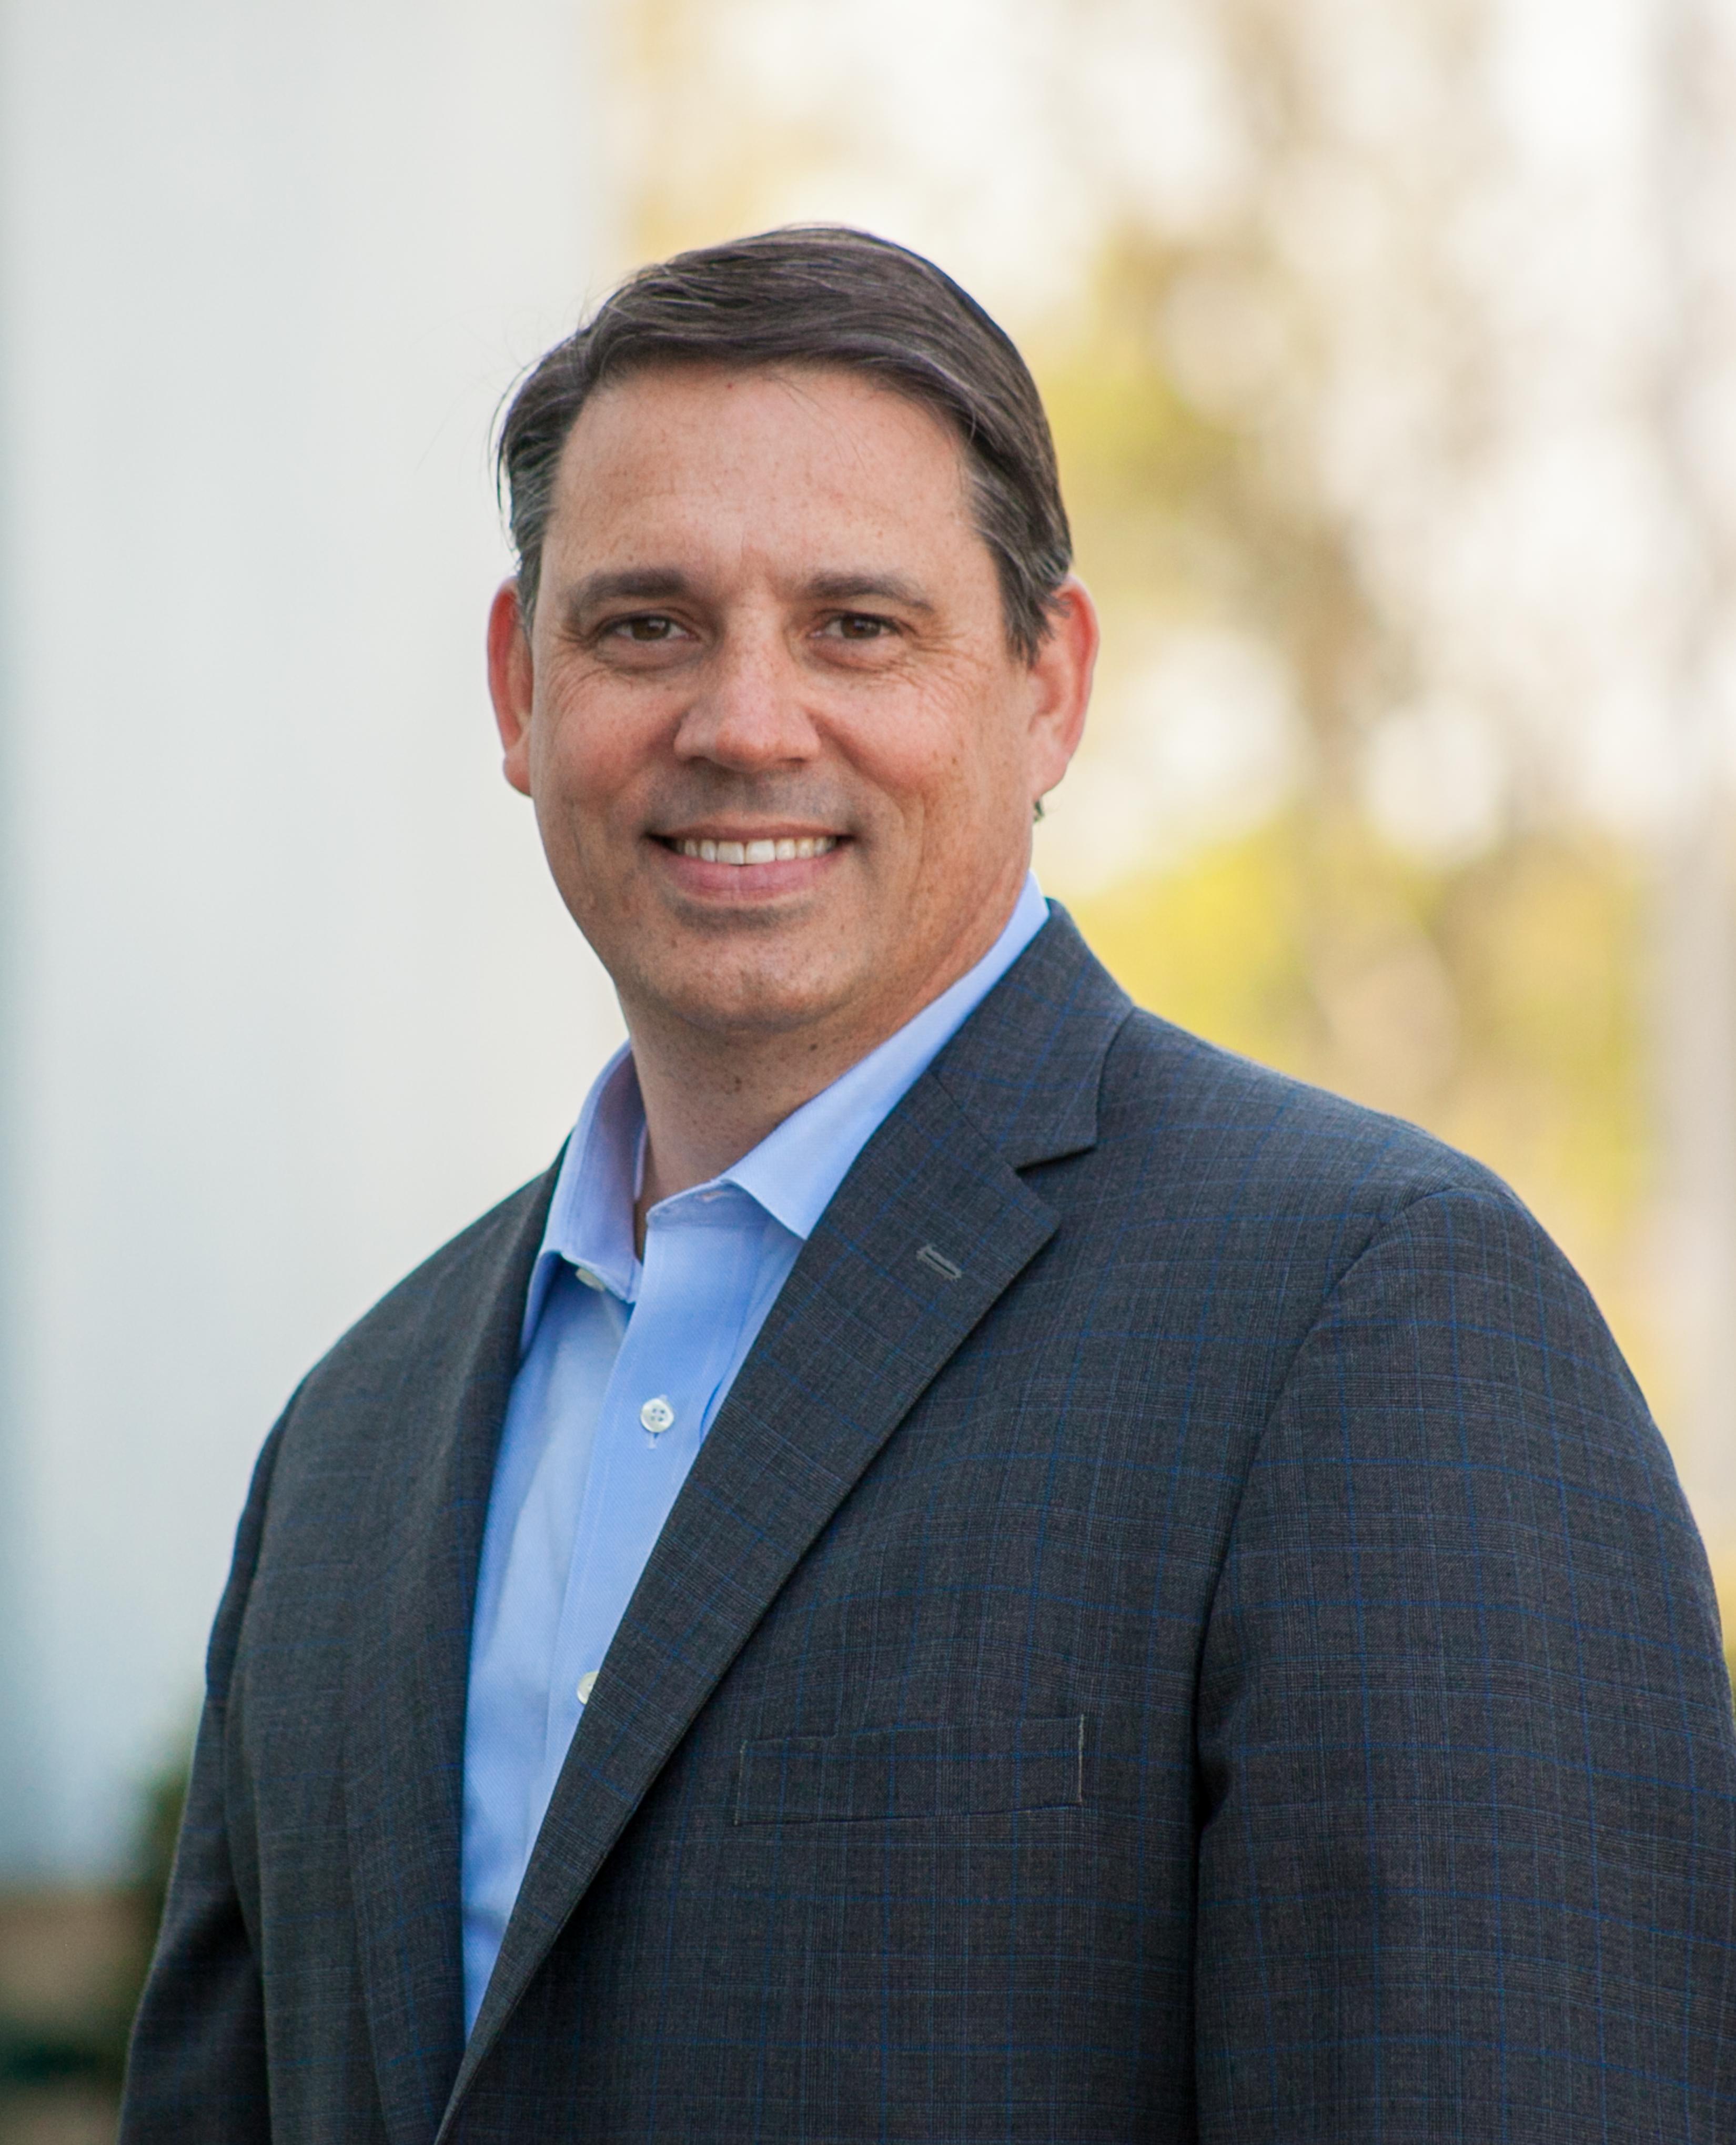 Kevin Clingan - Farmers Insurance Agent in Franklin, TN